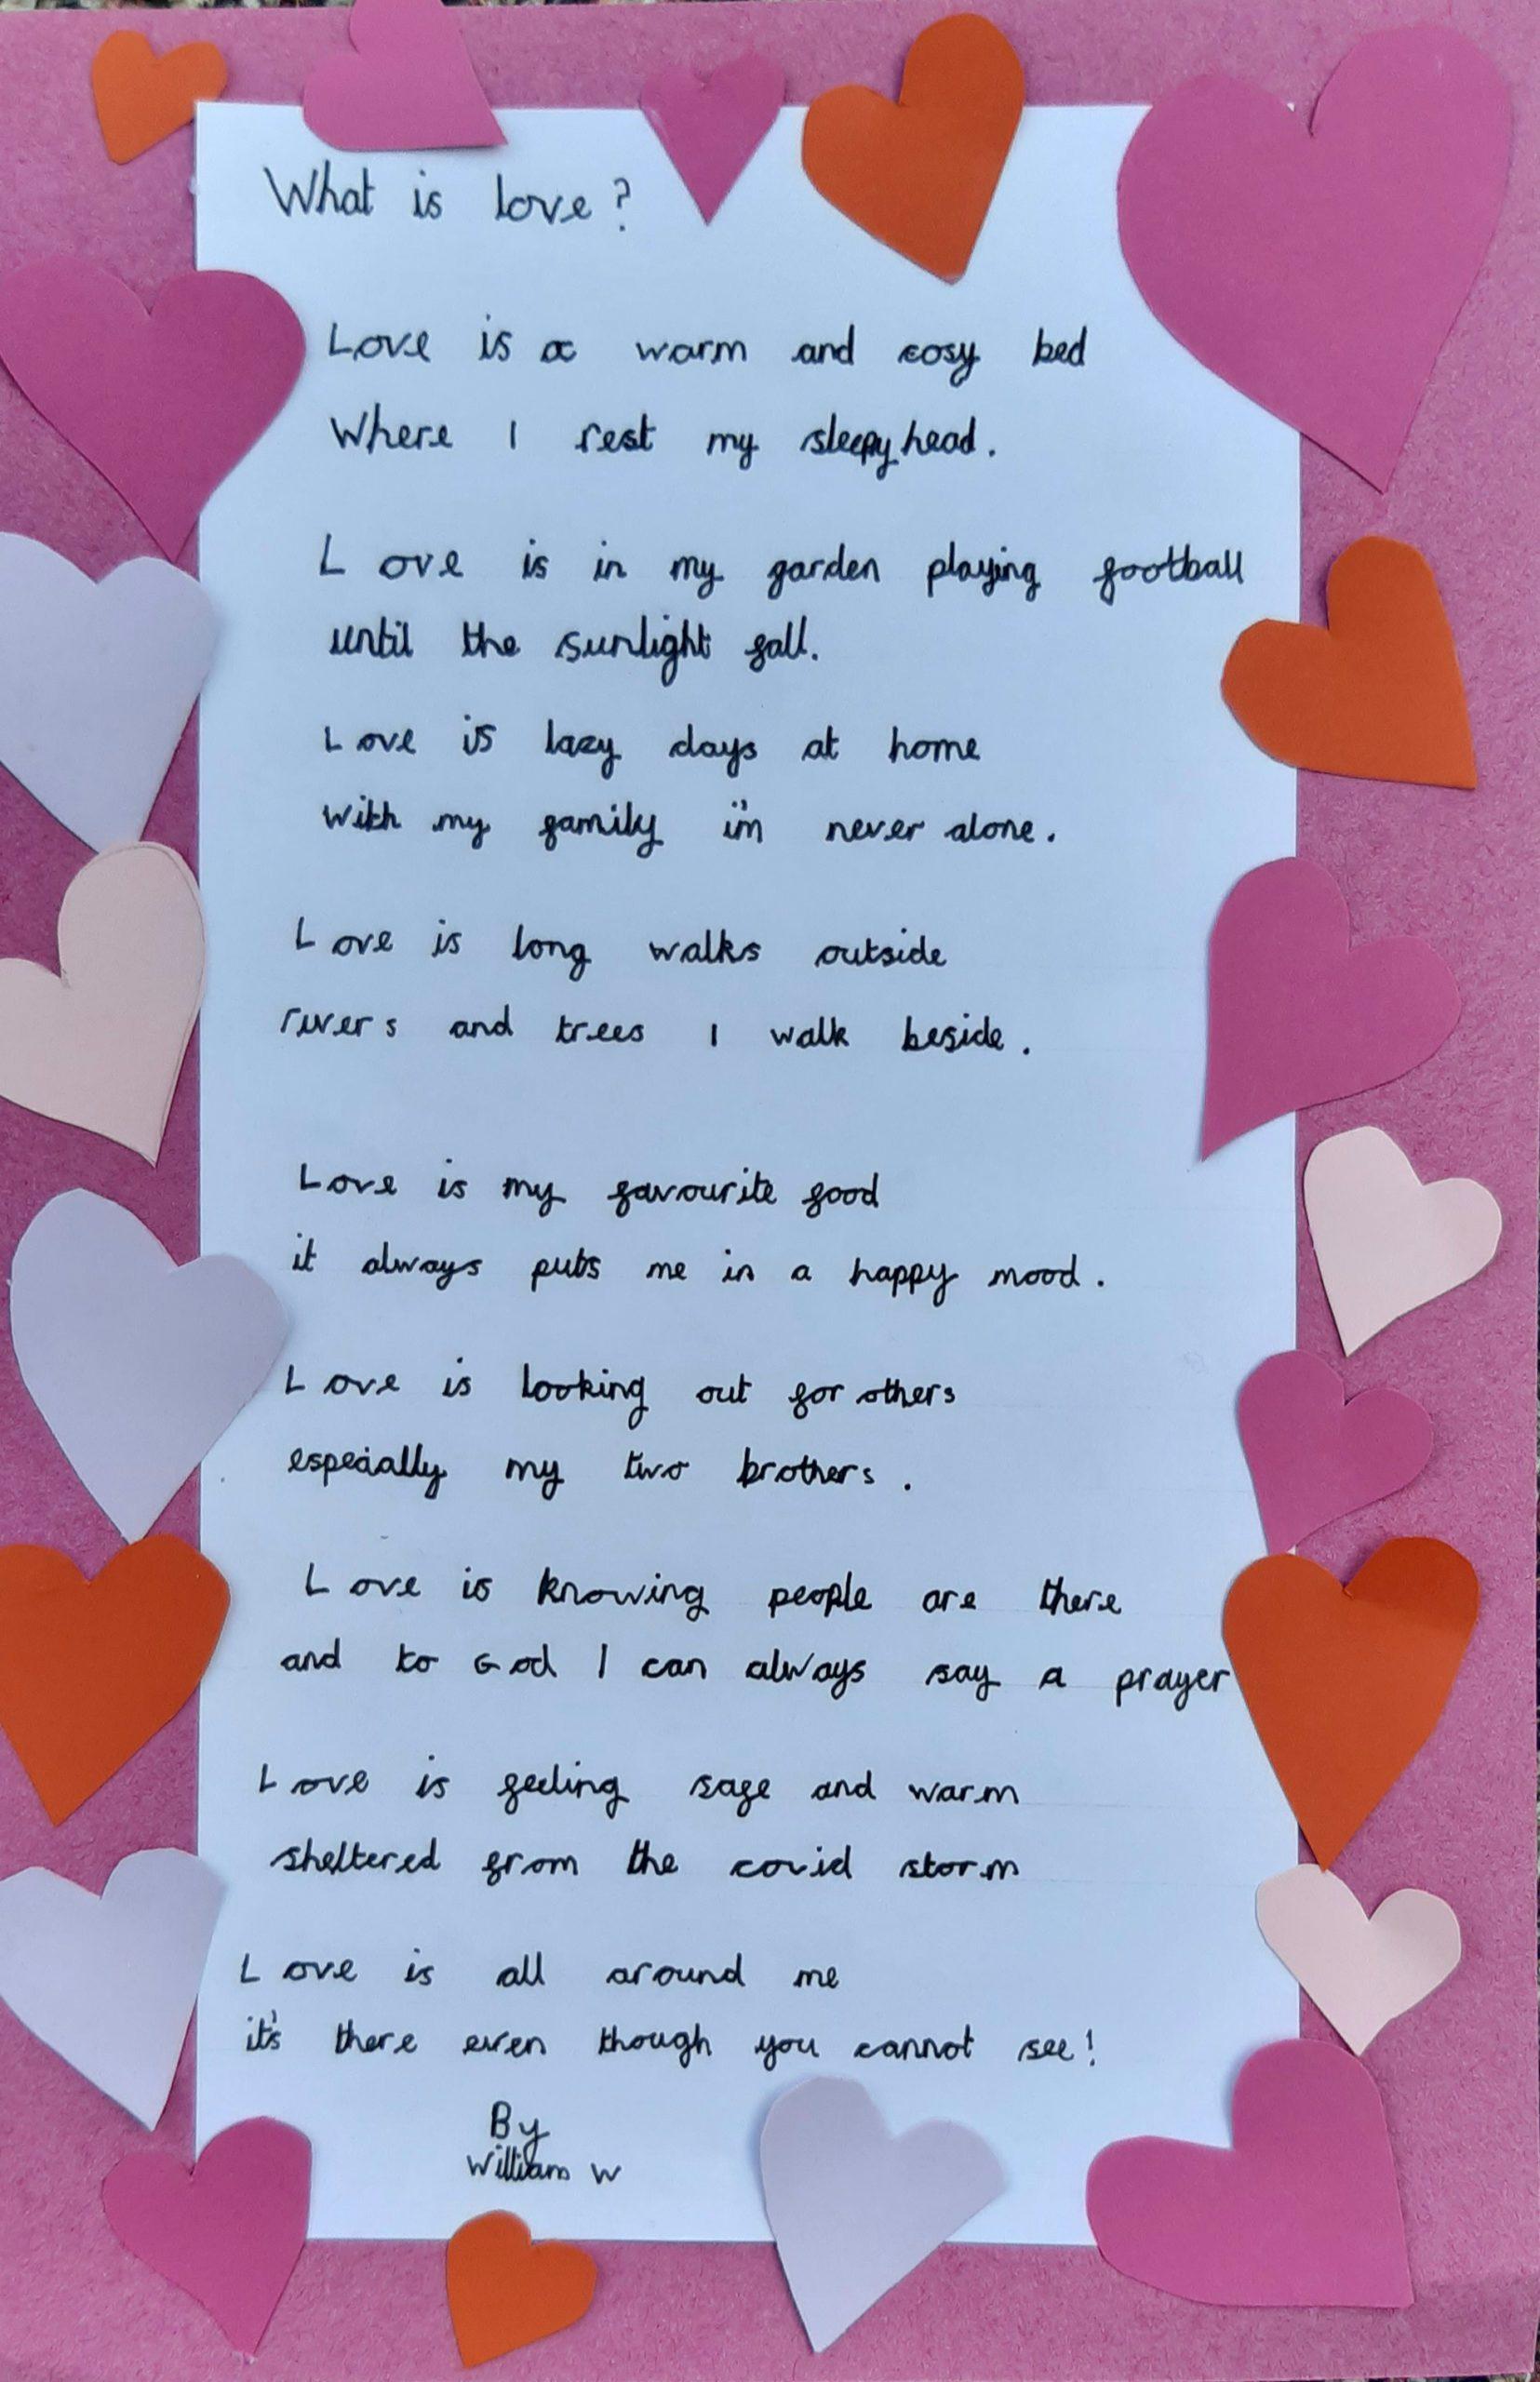 William poem